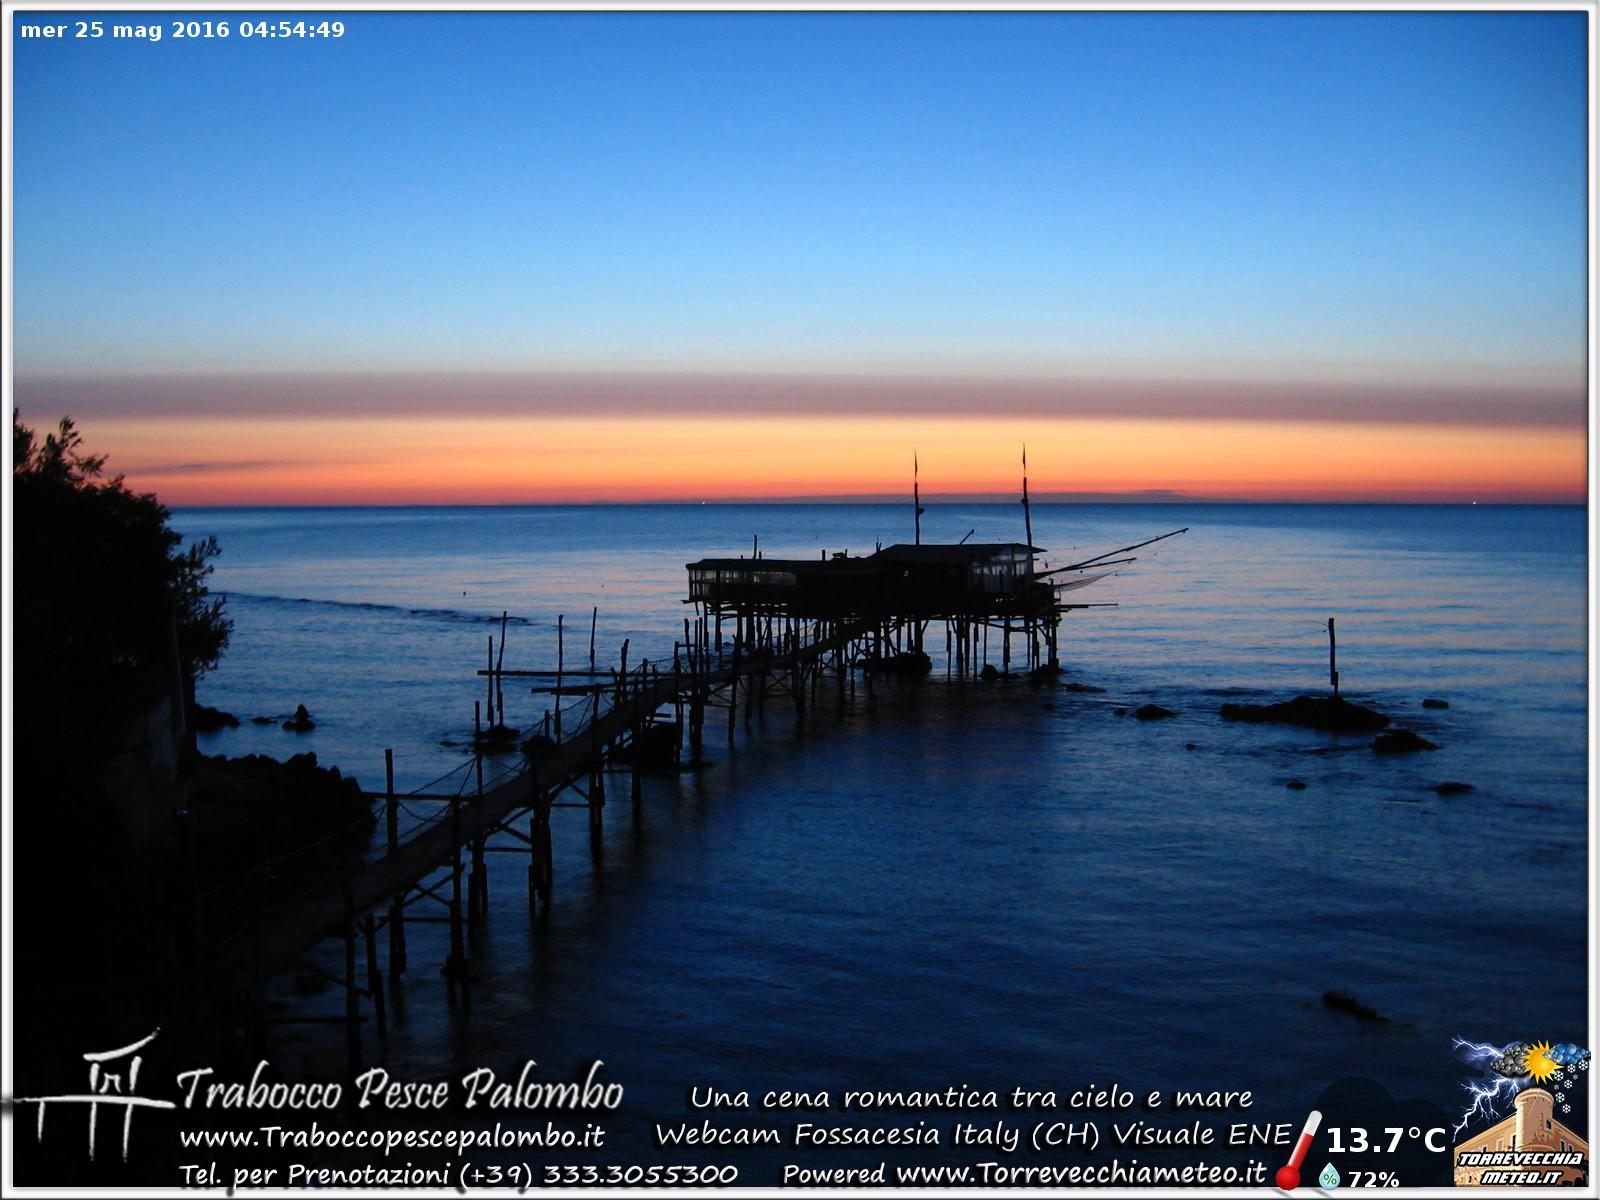 Nuova Webcam sul Trabocco Fossacesia - Costa dei Trabocchi --ore_04.55.jpg